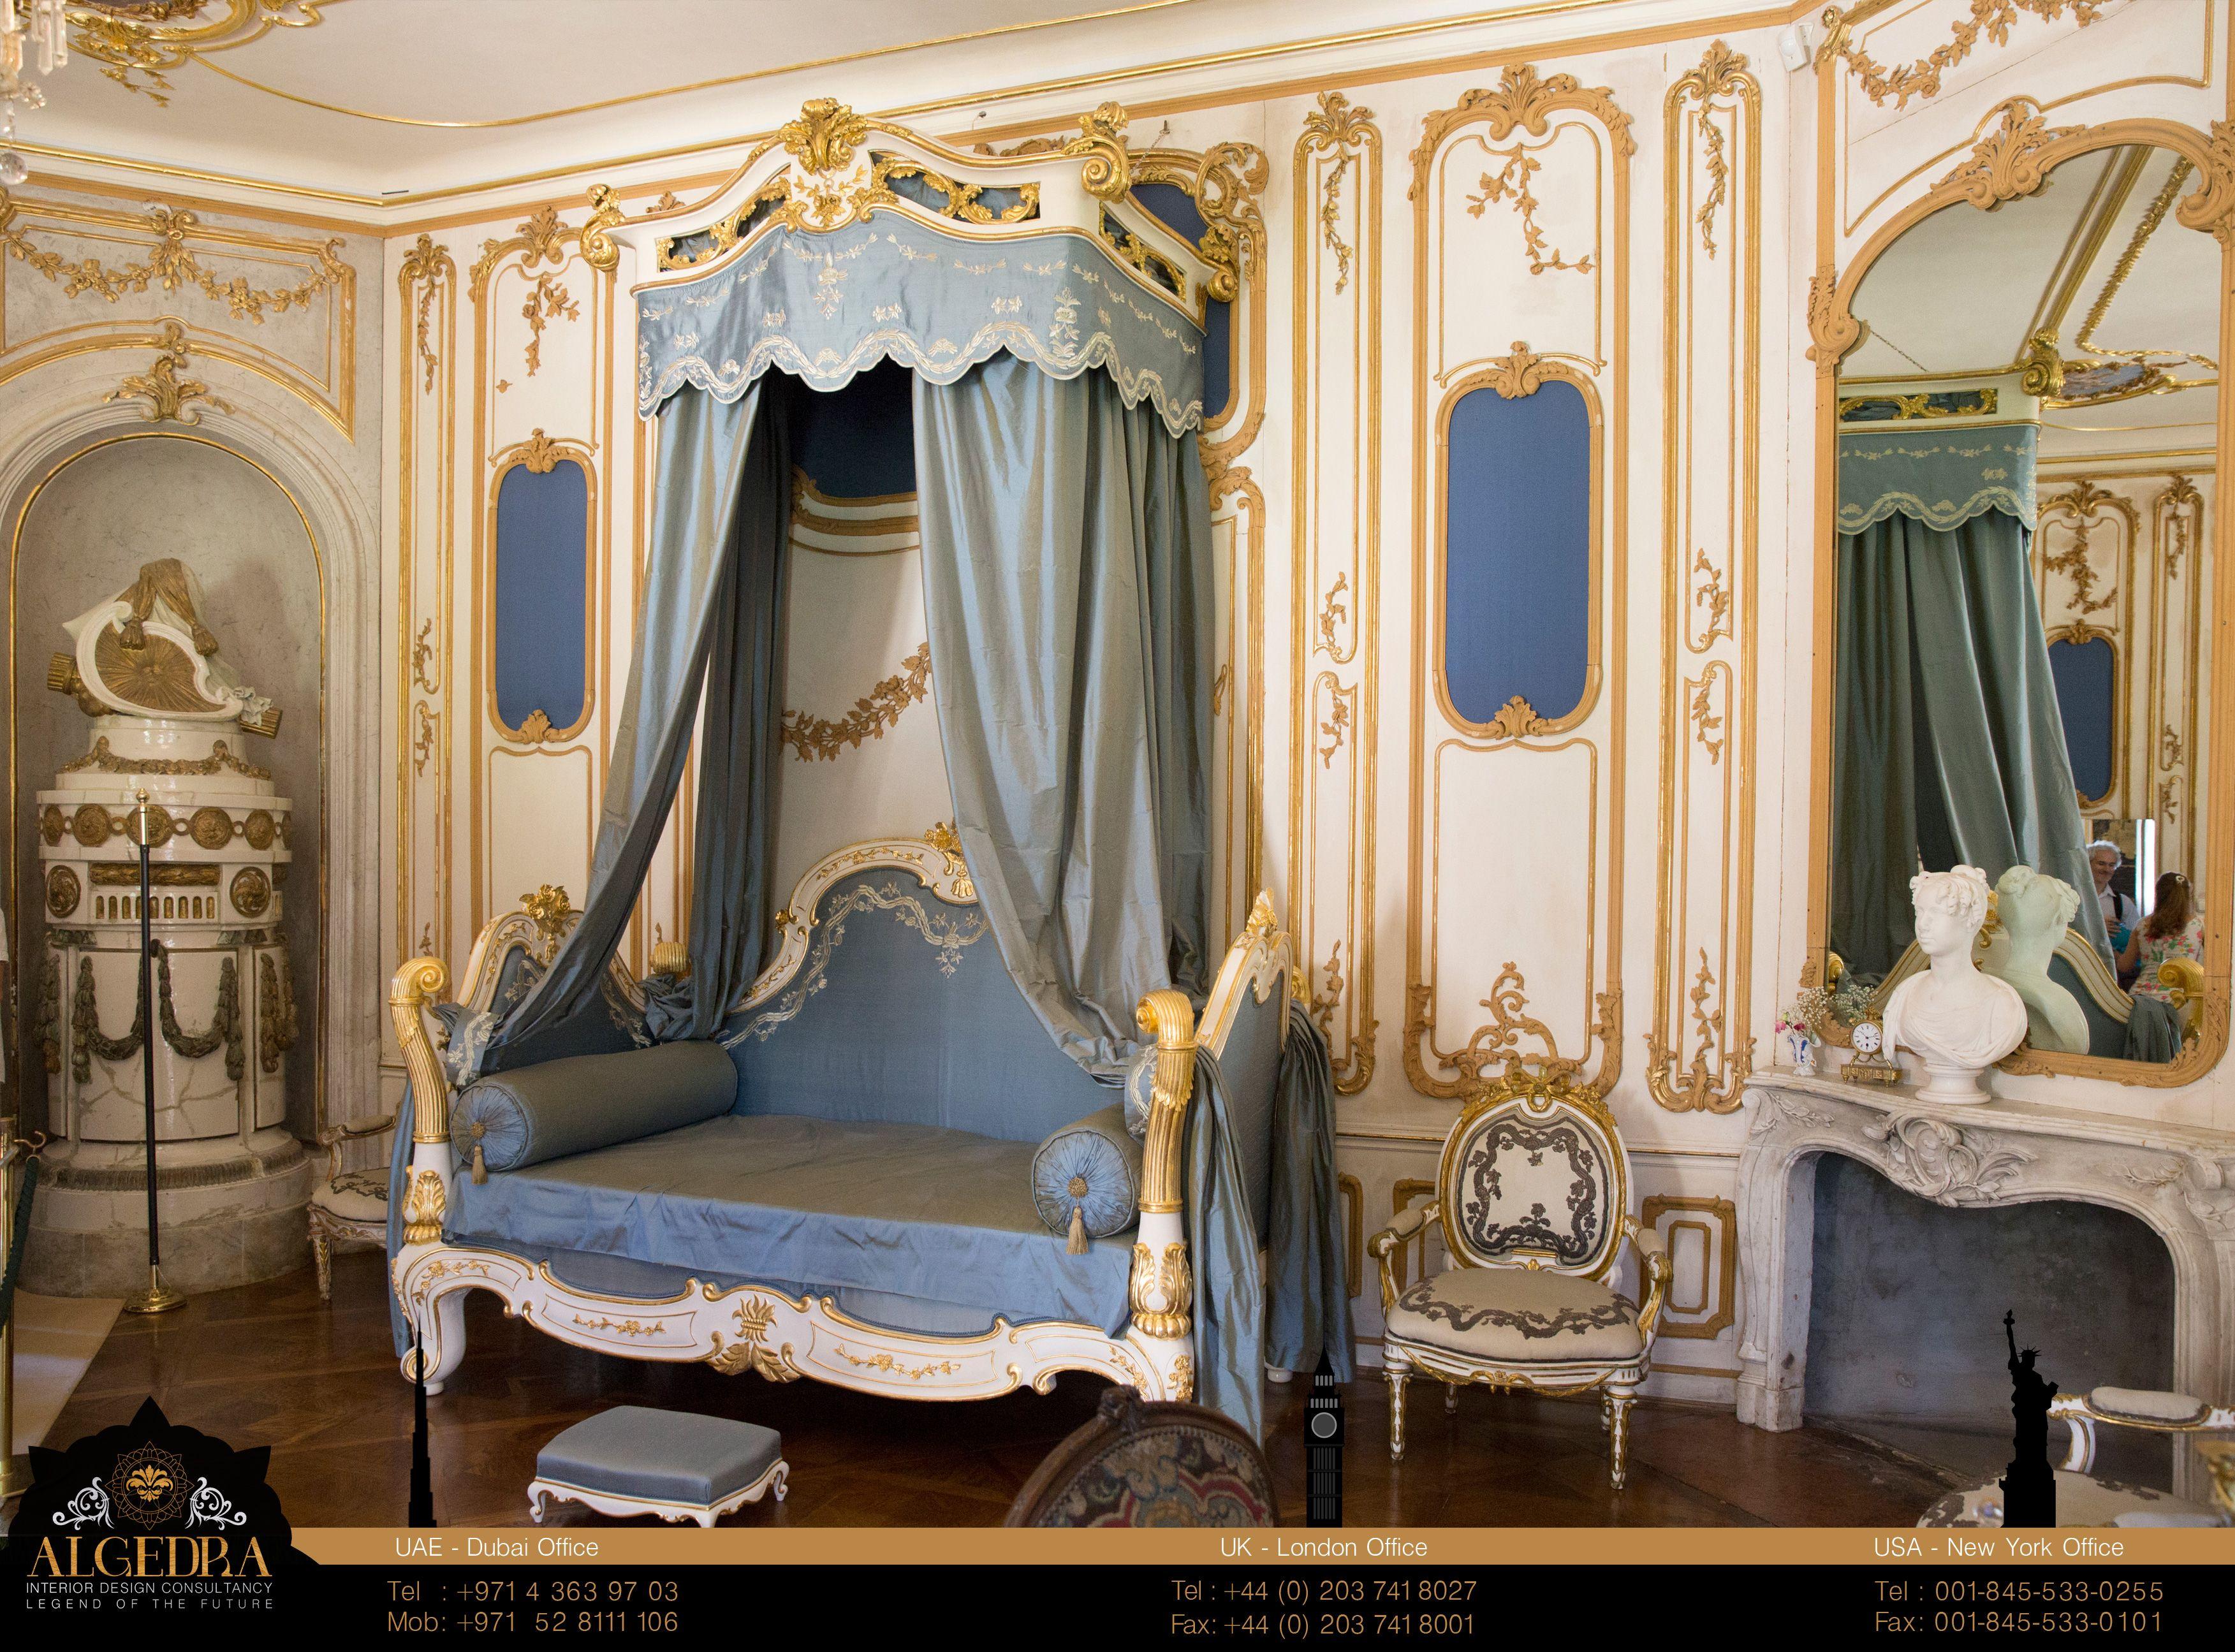 Rococo style by ALGEDRA Interior Design #Design #Home # ...